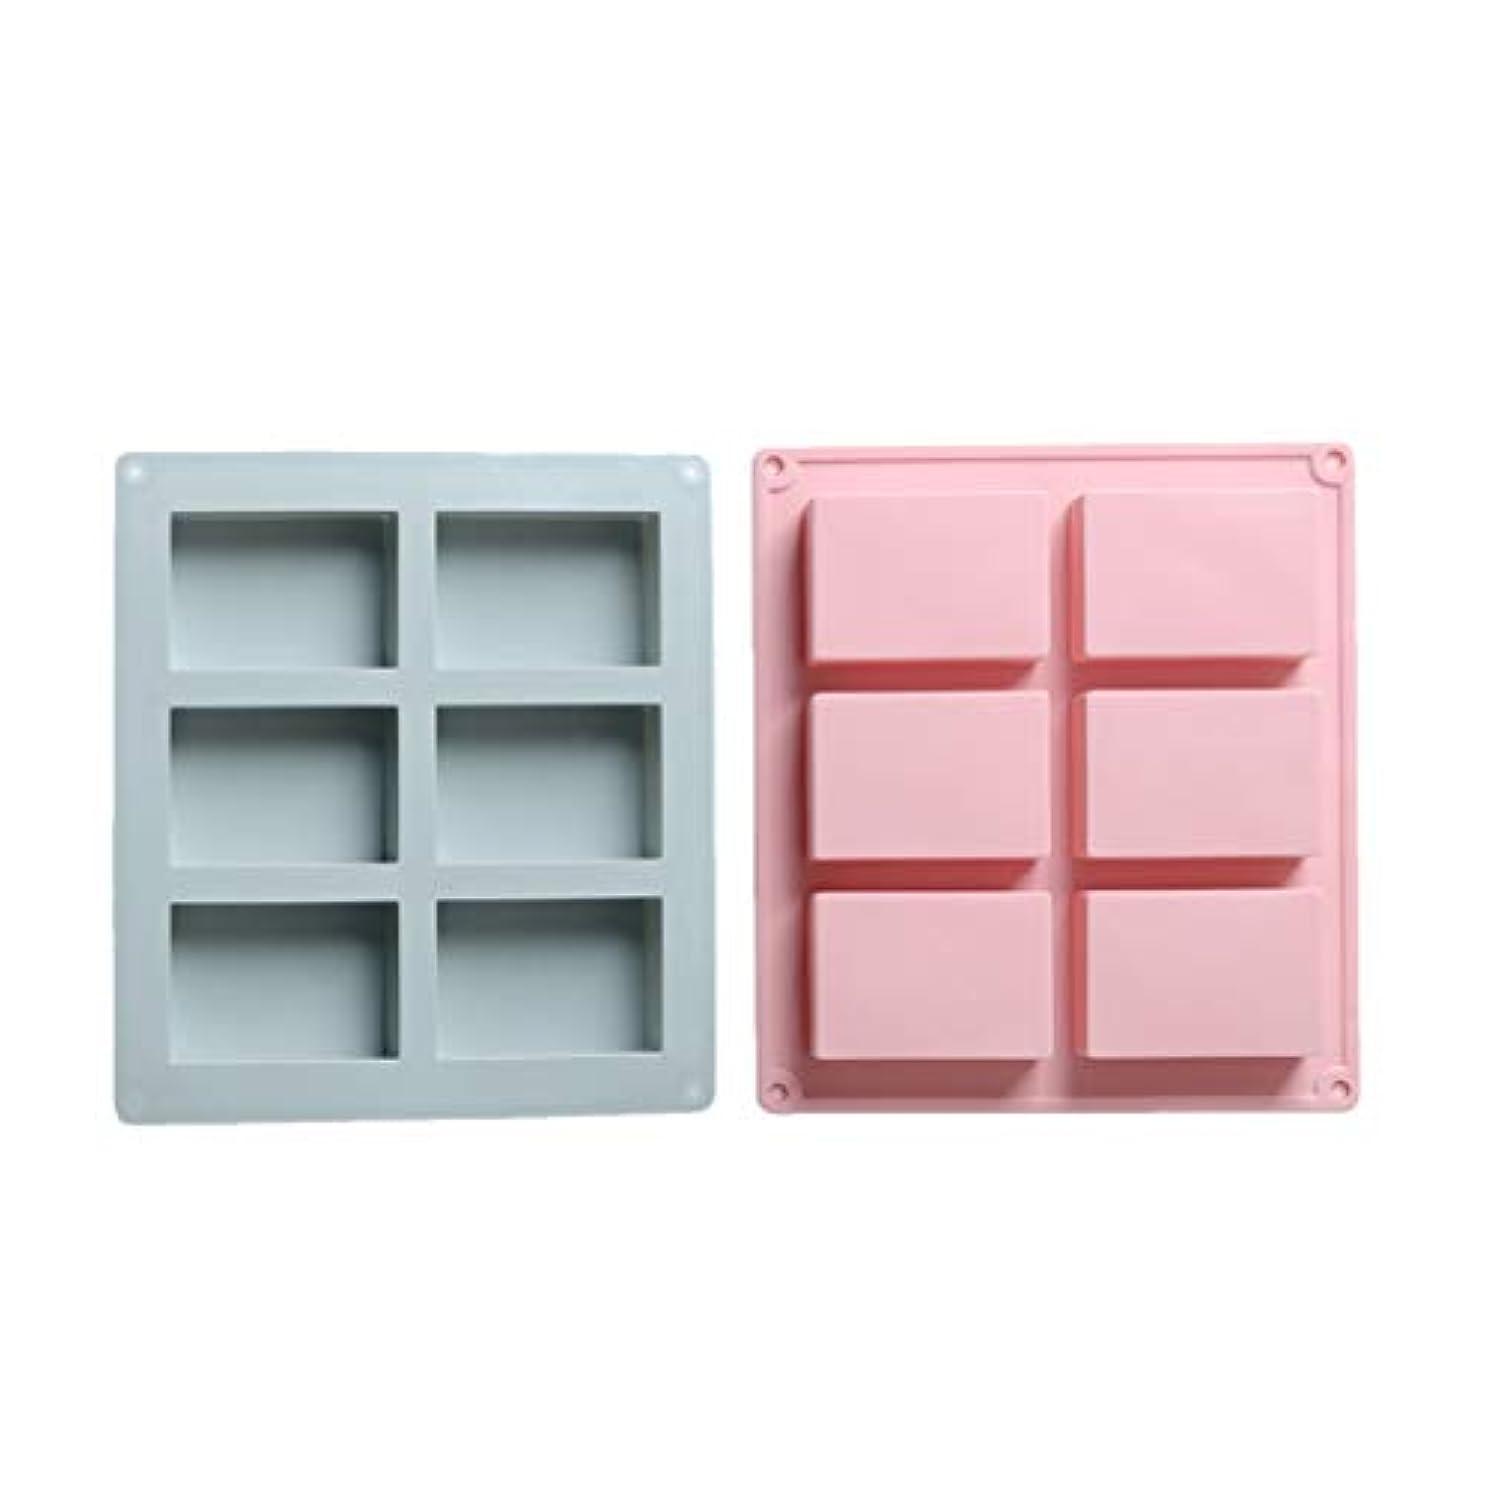 タフ短くする征服するSUPVOX シリコン長方形モールドソープチョコレートキャンドルとゼリーブラウン2個(青とピンク)を作るための6つのキャビティ